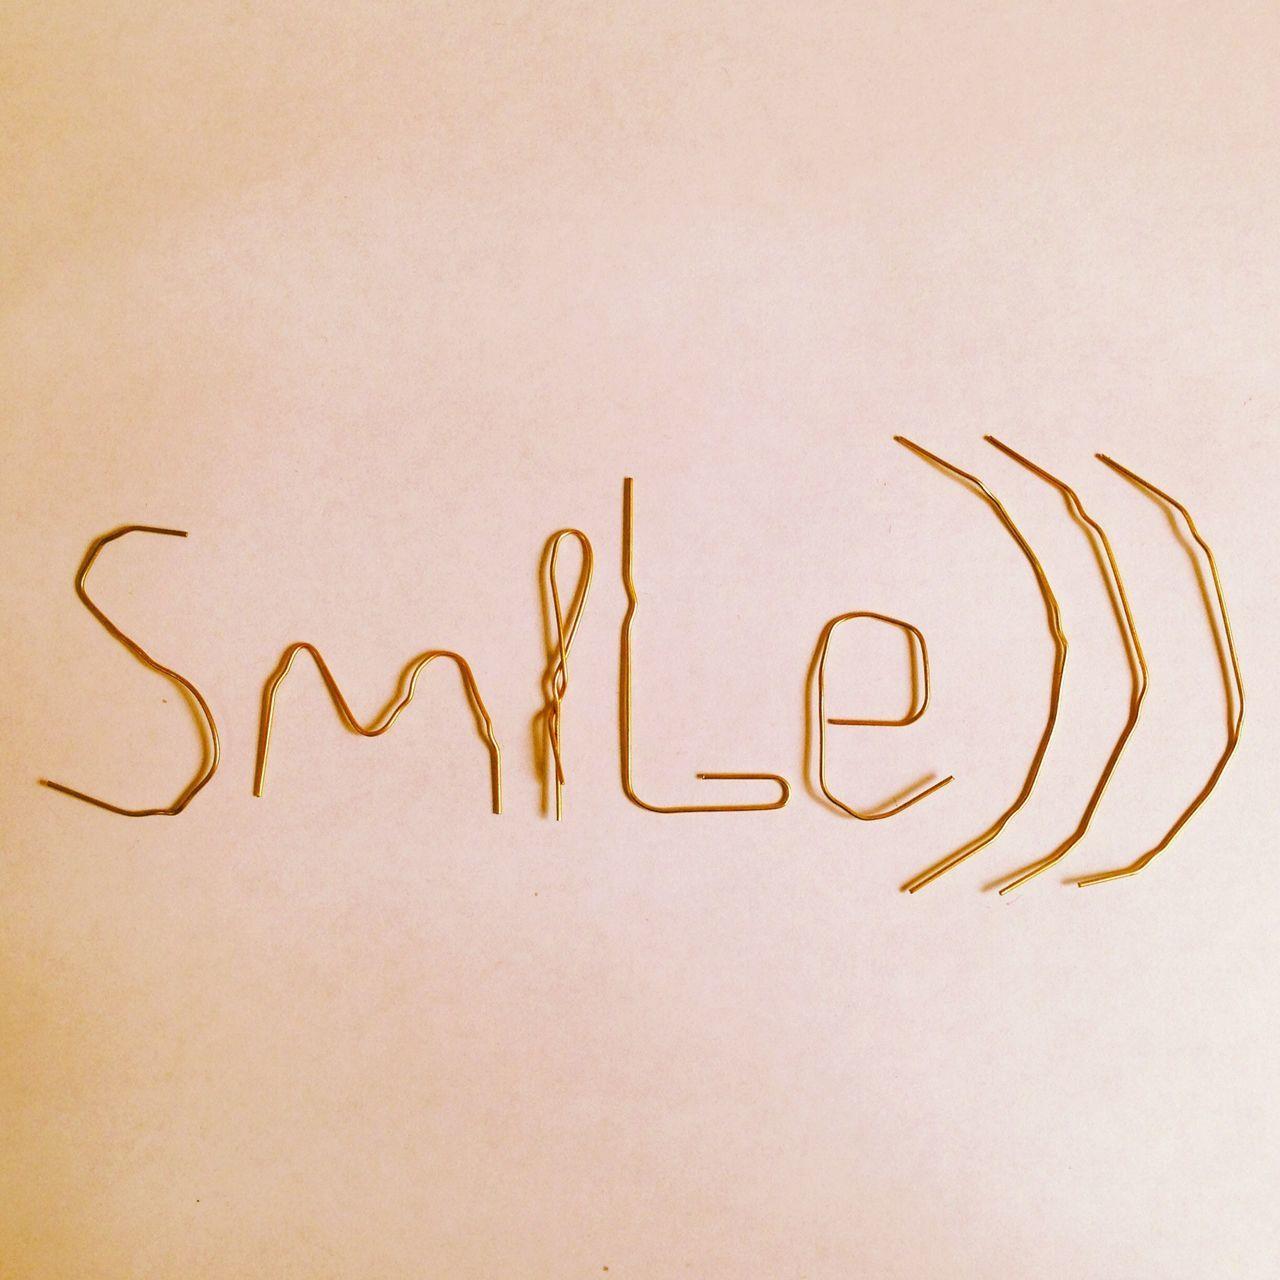 Enjoying Life Smile Good Morning Good